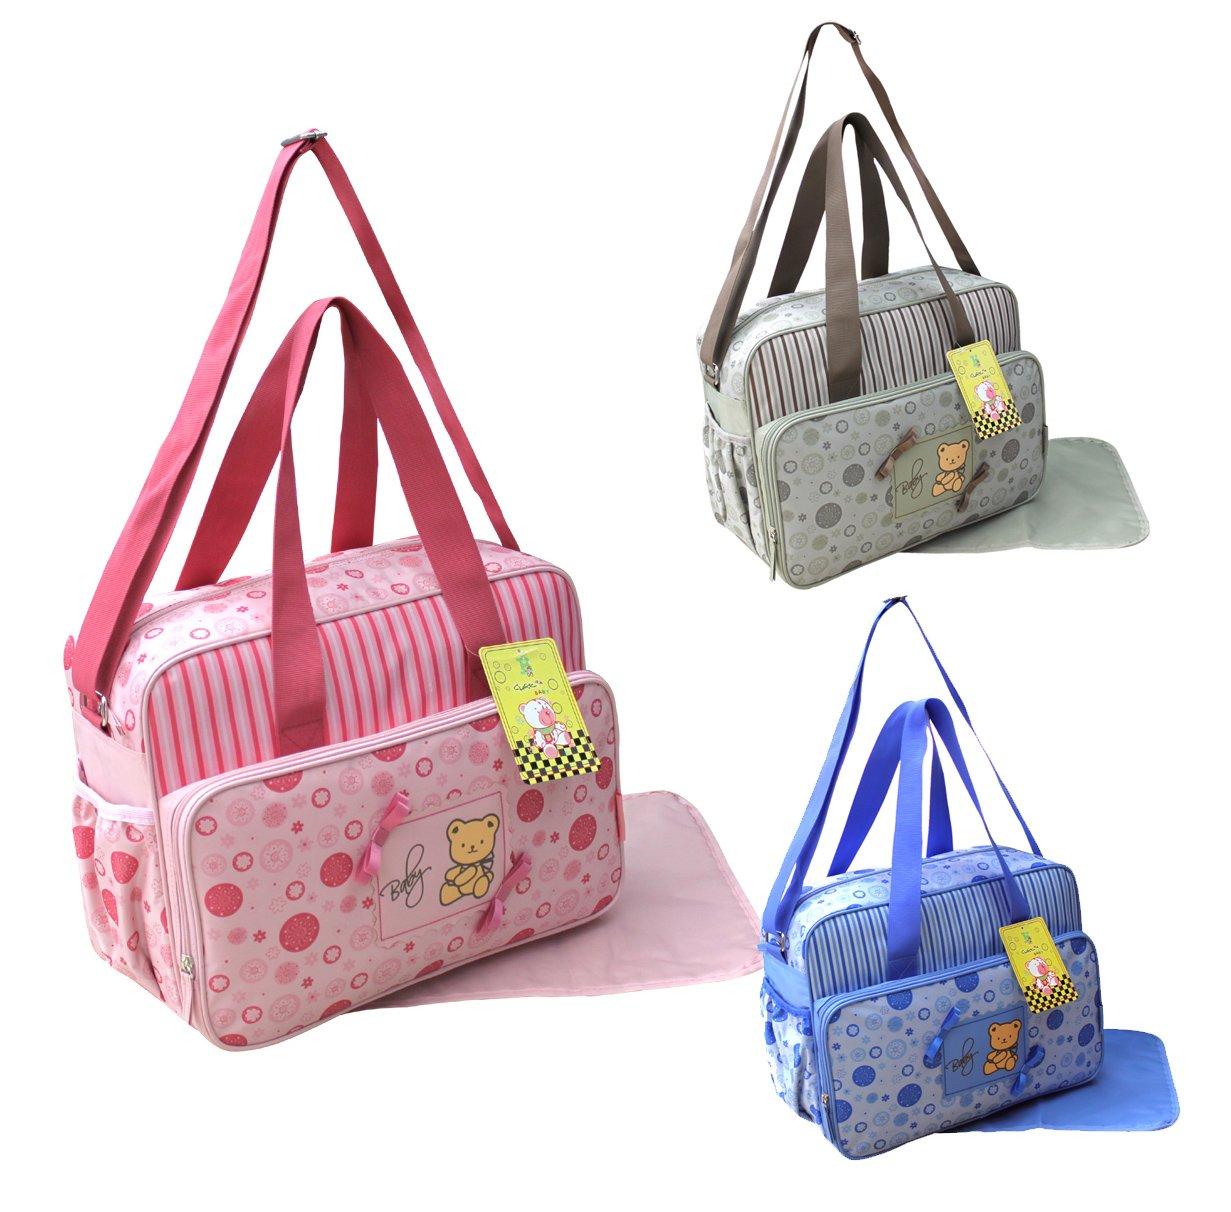 GMMH 2 tlg Wickeltasche Pflegetasche Windeltasche Babytasche Farbauswahl rosa 2120